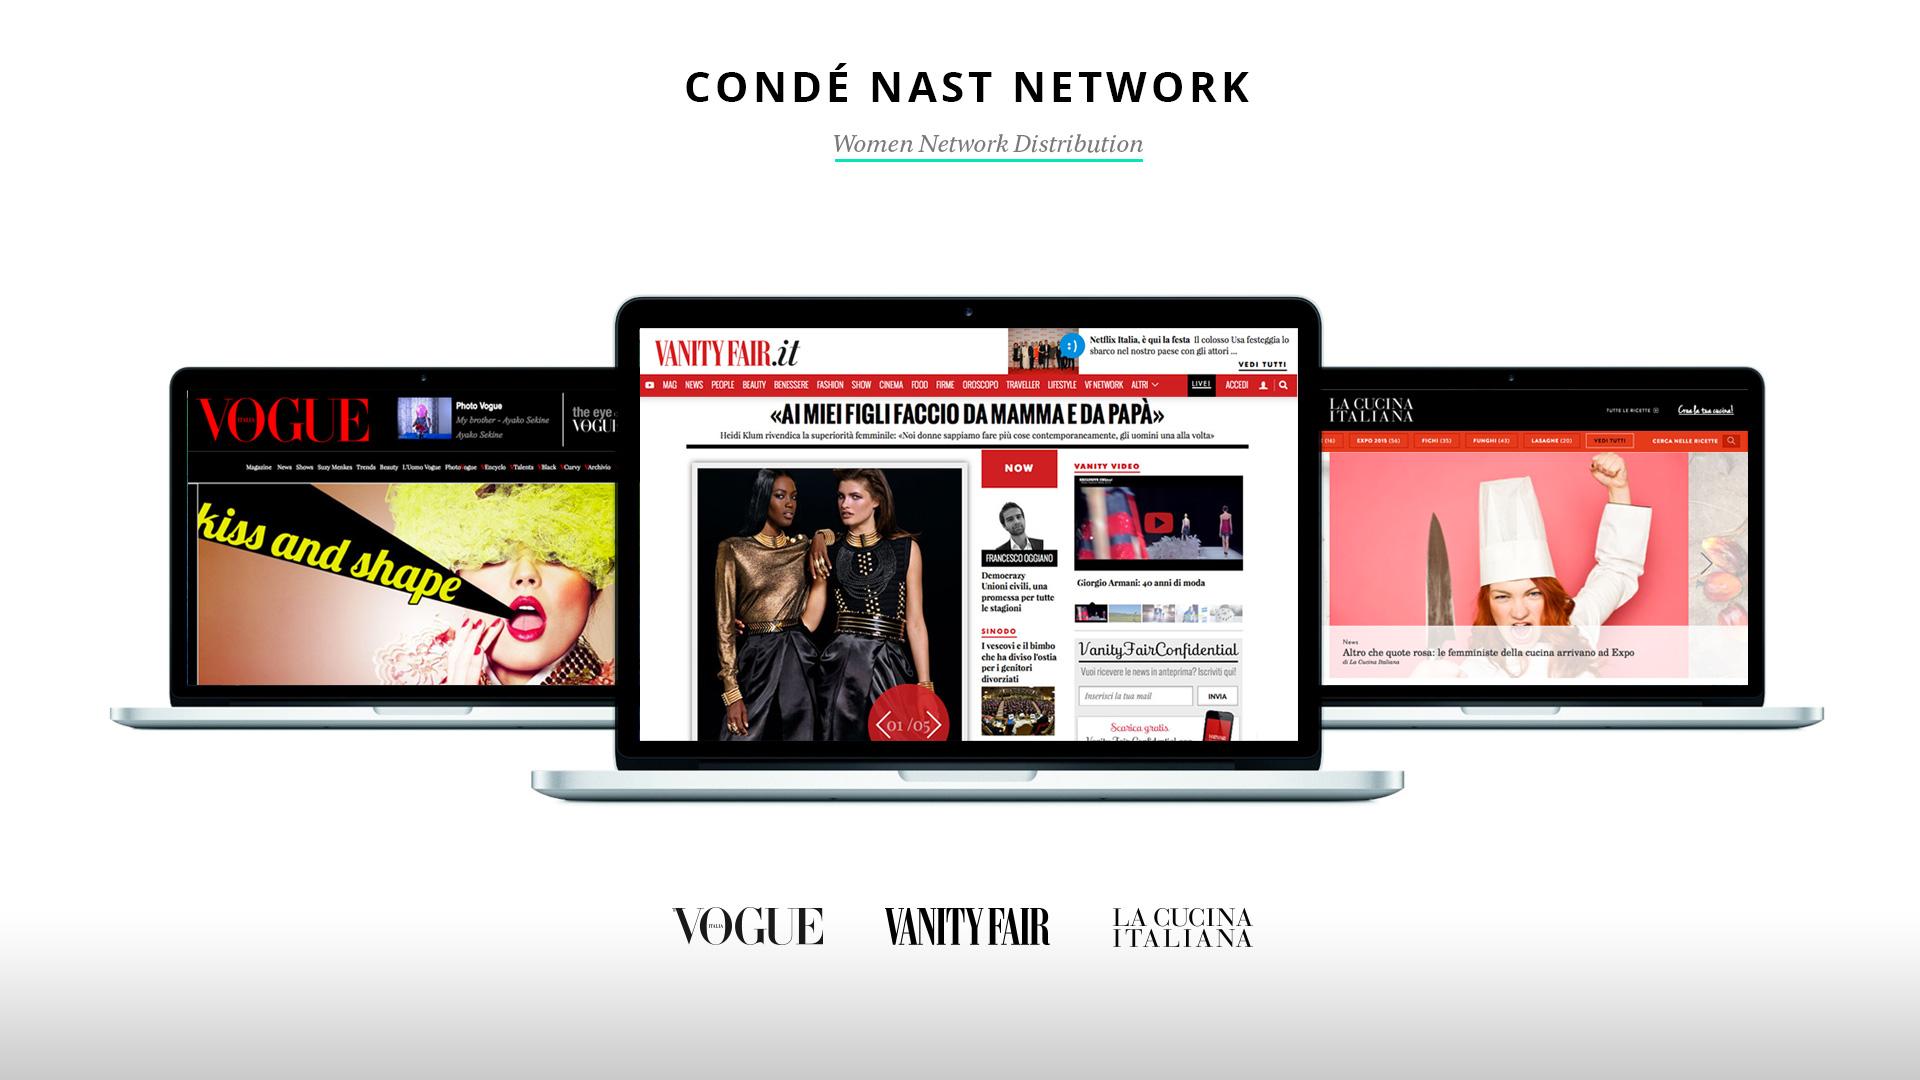 Condé Nast Network